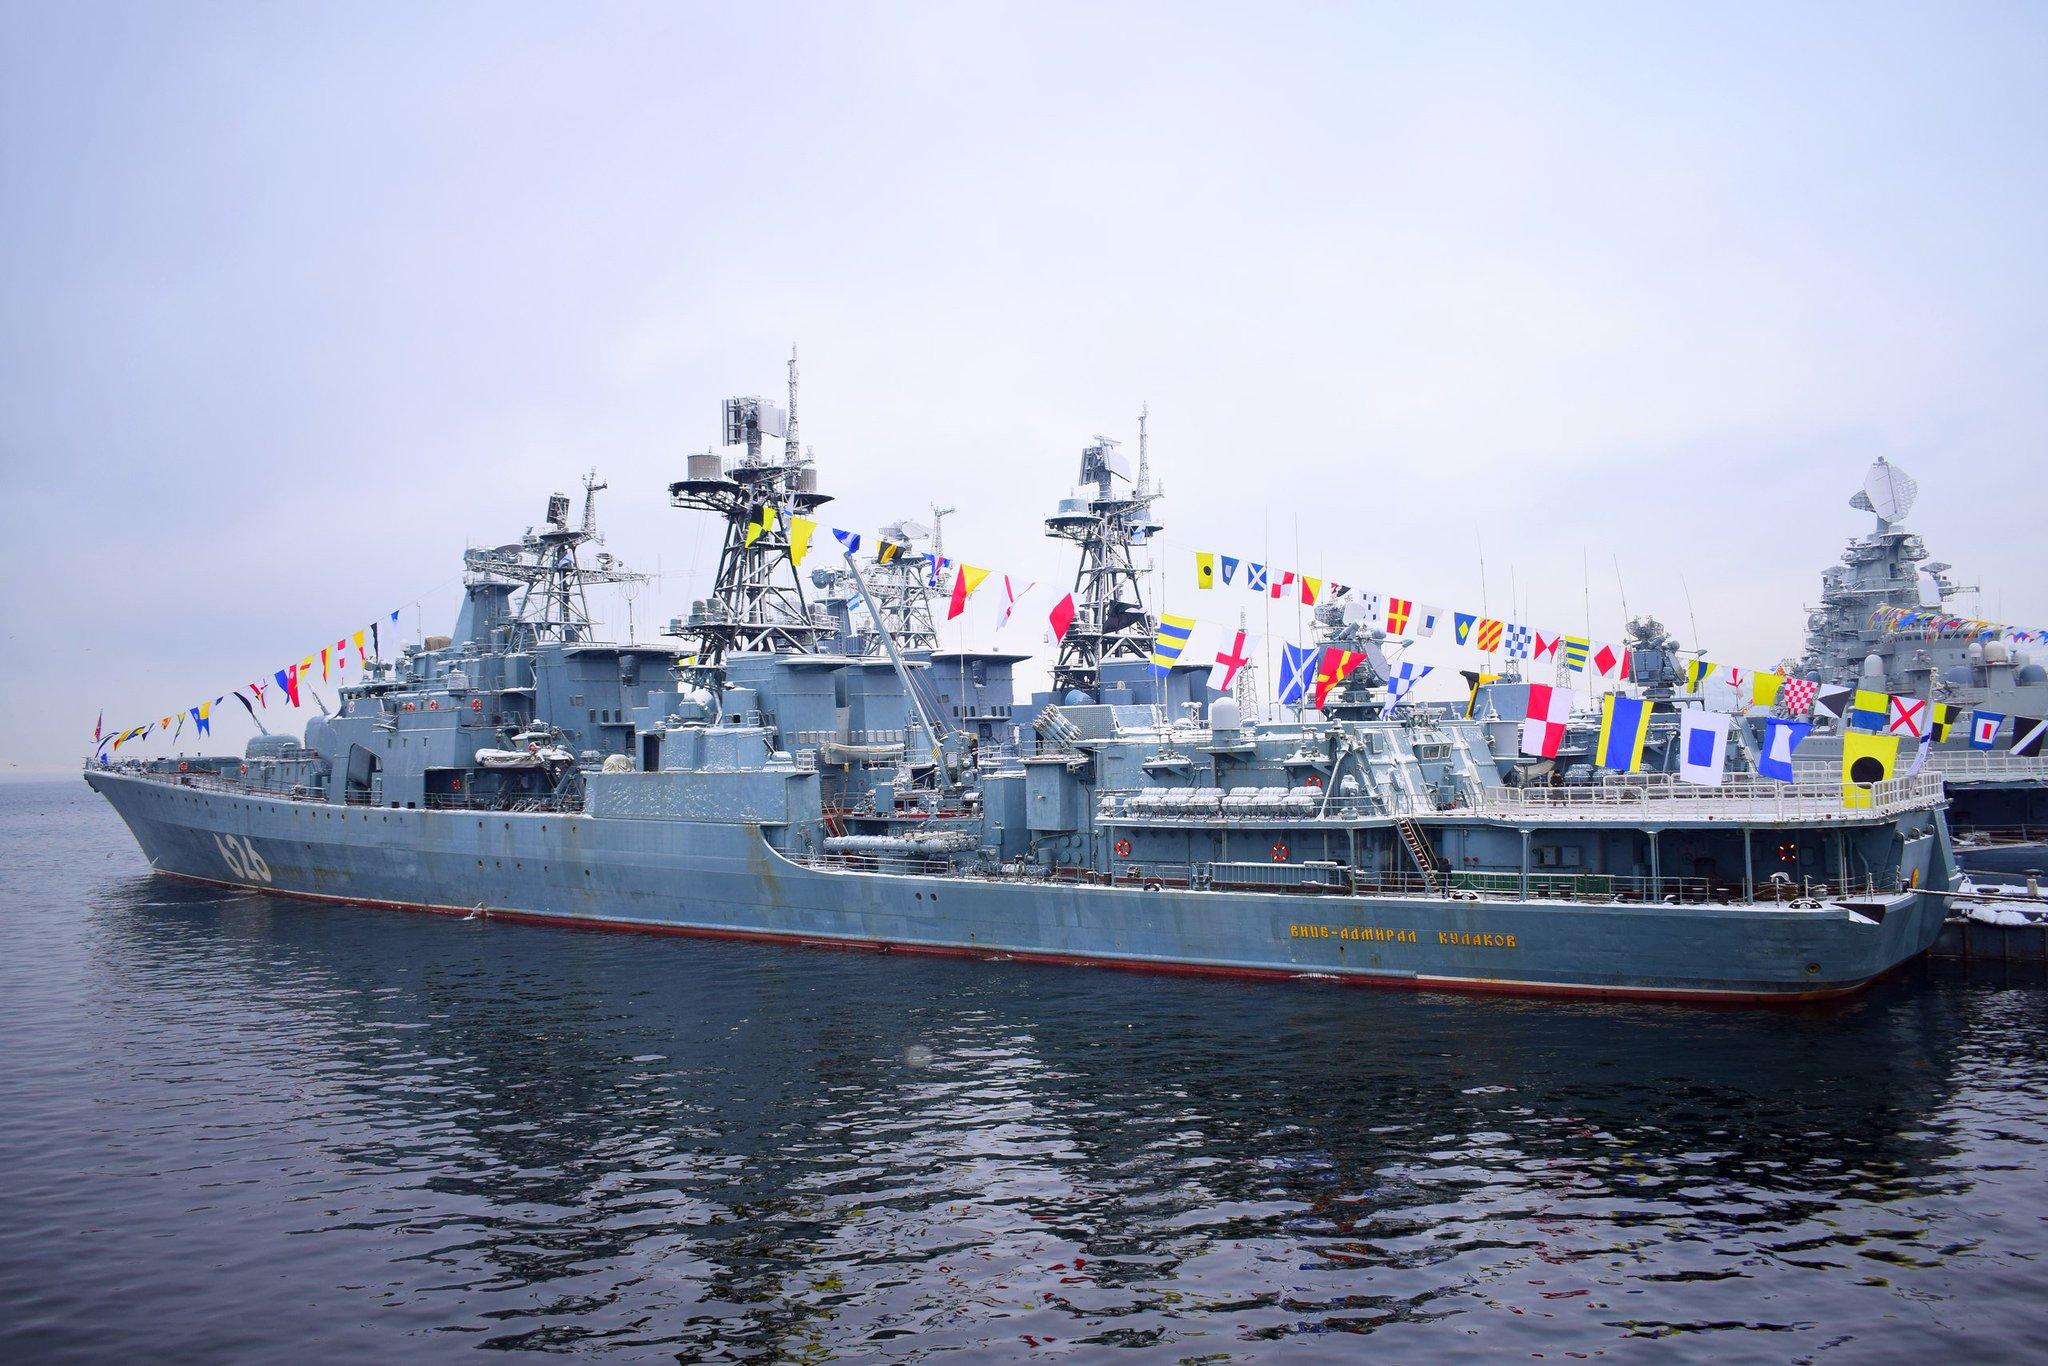 Адмирал кулаков корабль фото